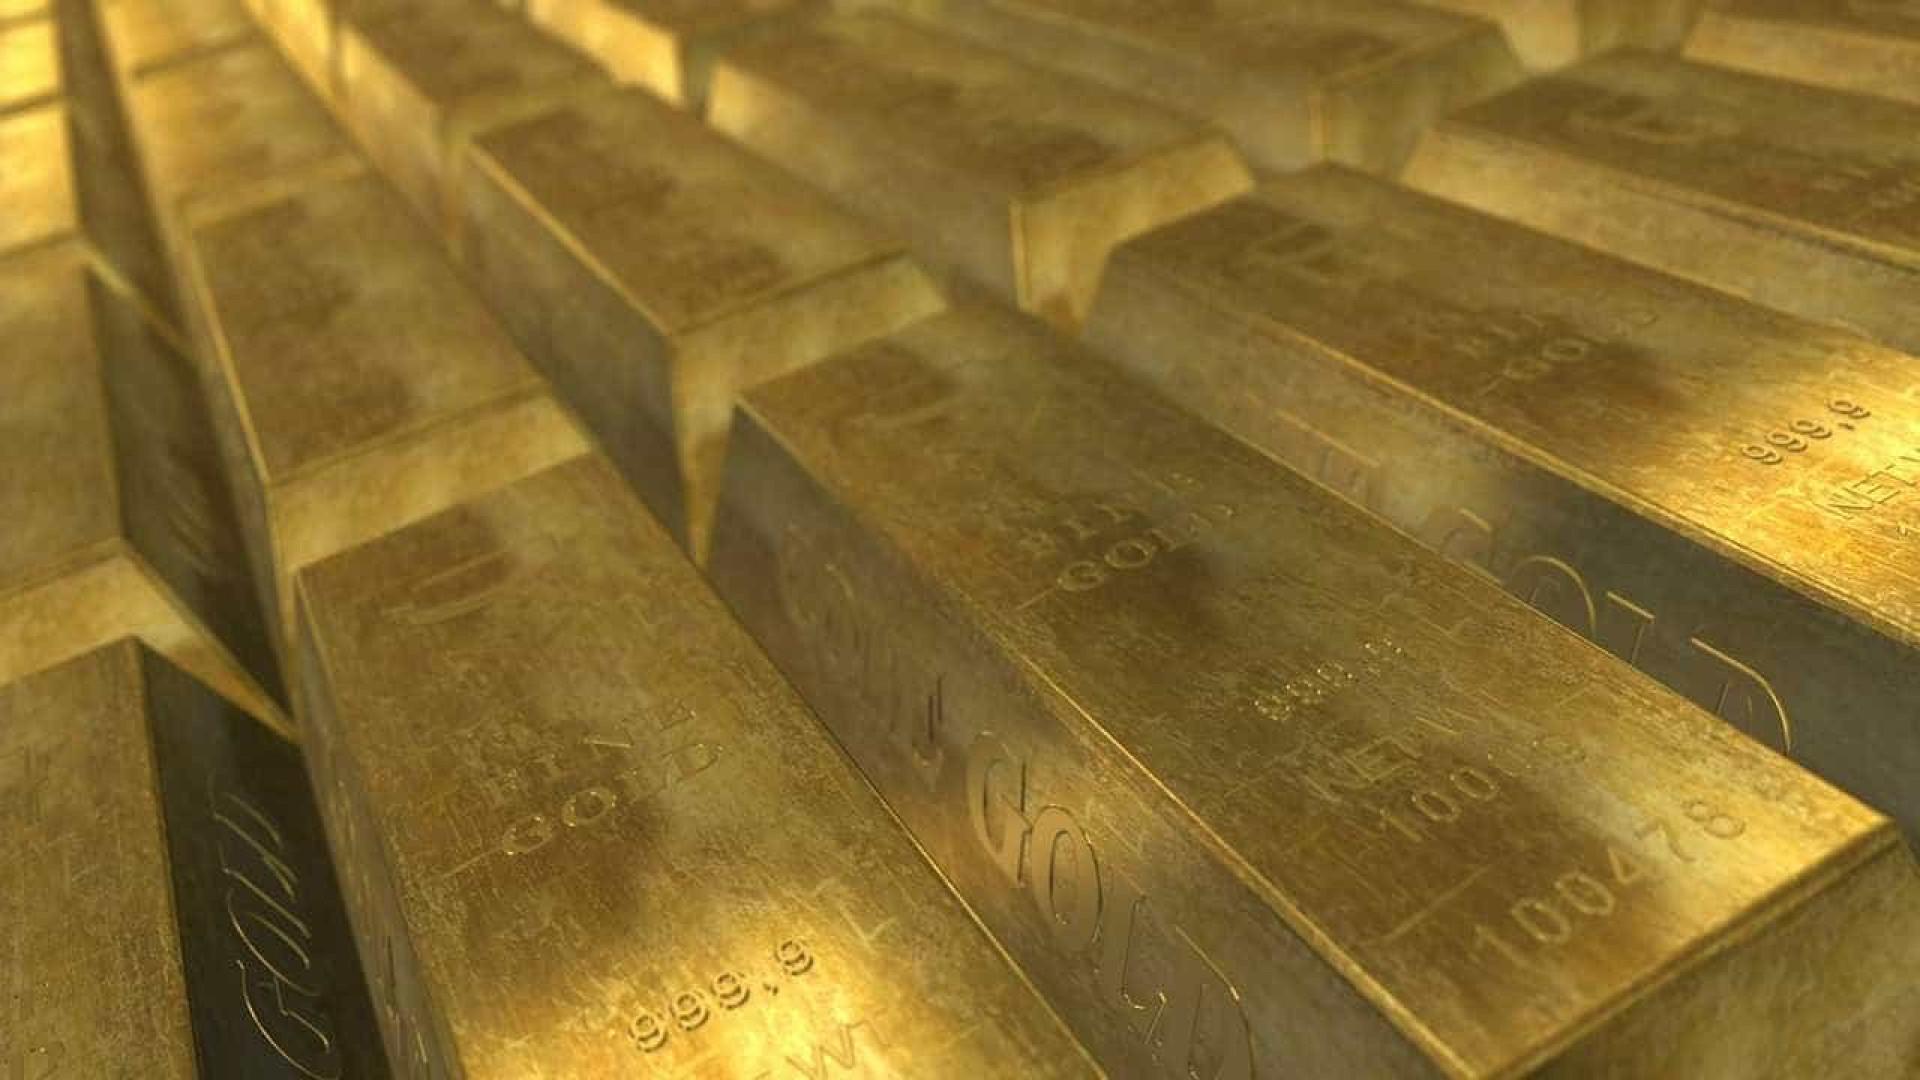 Faxineiro encontra 7 kg de ouro em aeroporto da Coreia do Sul